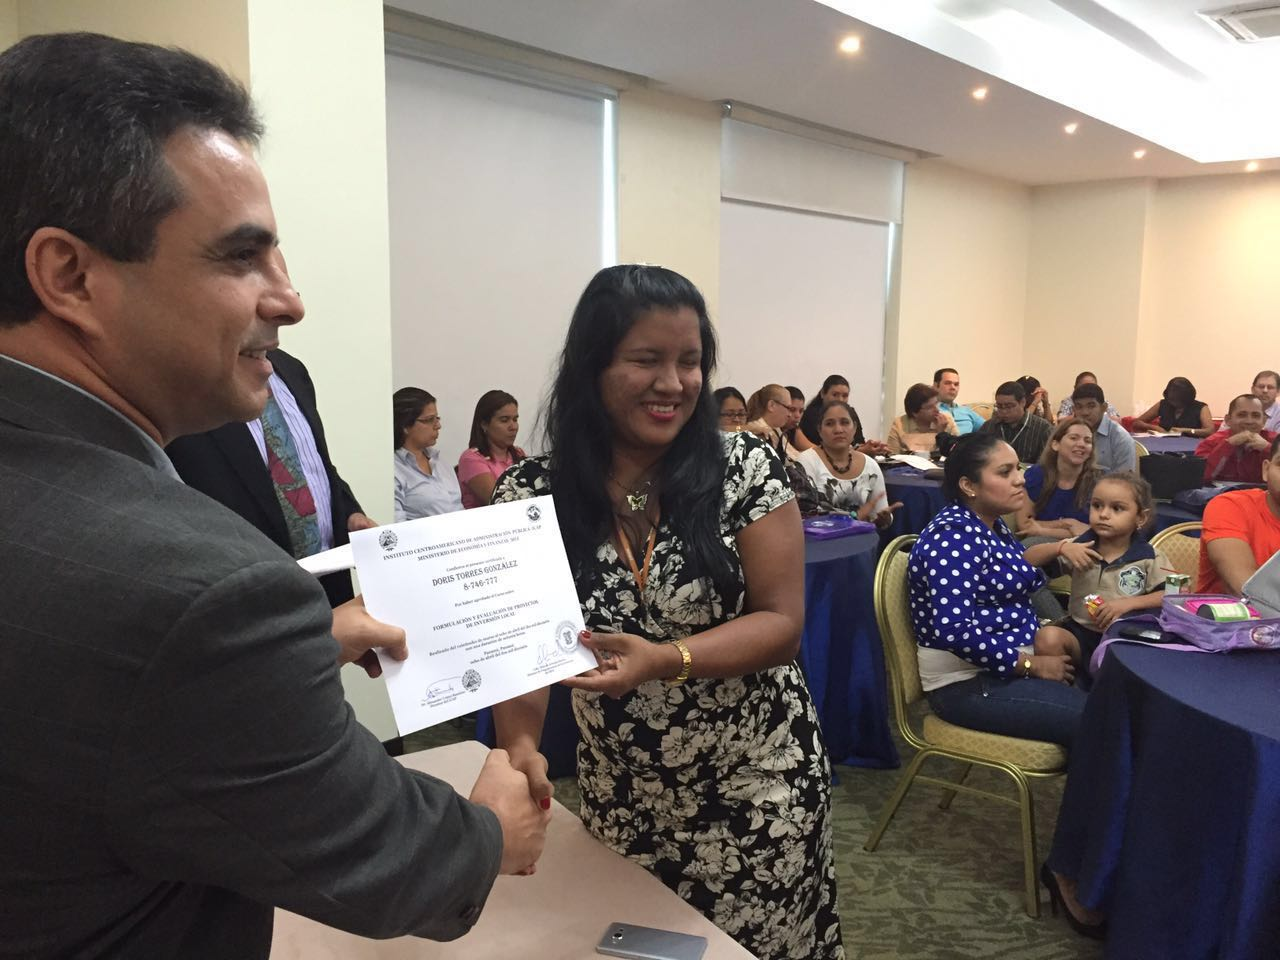 Funcionarios públicos panameños se capacitan en evaluación de proyectos